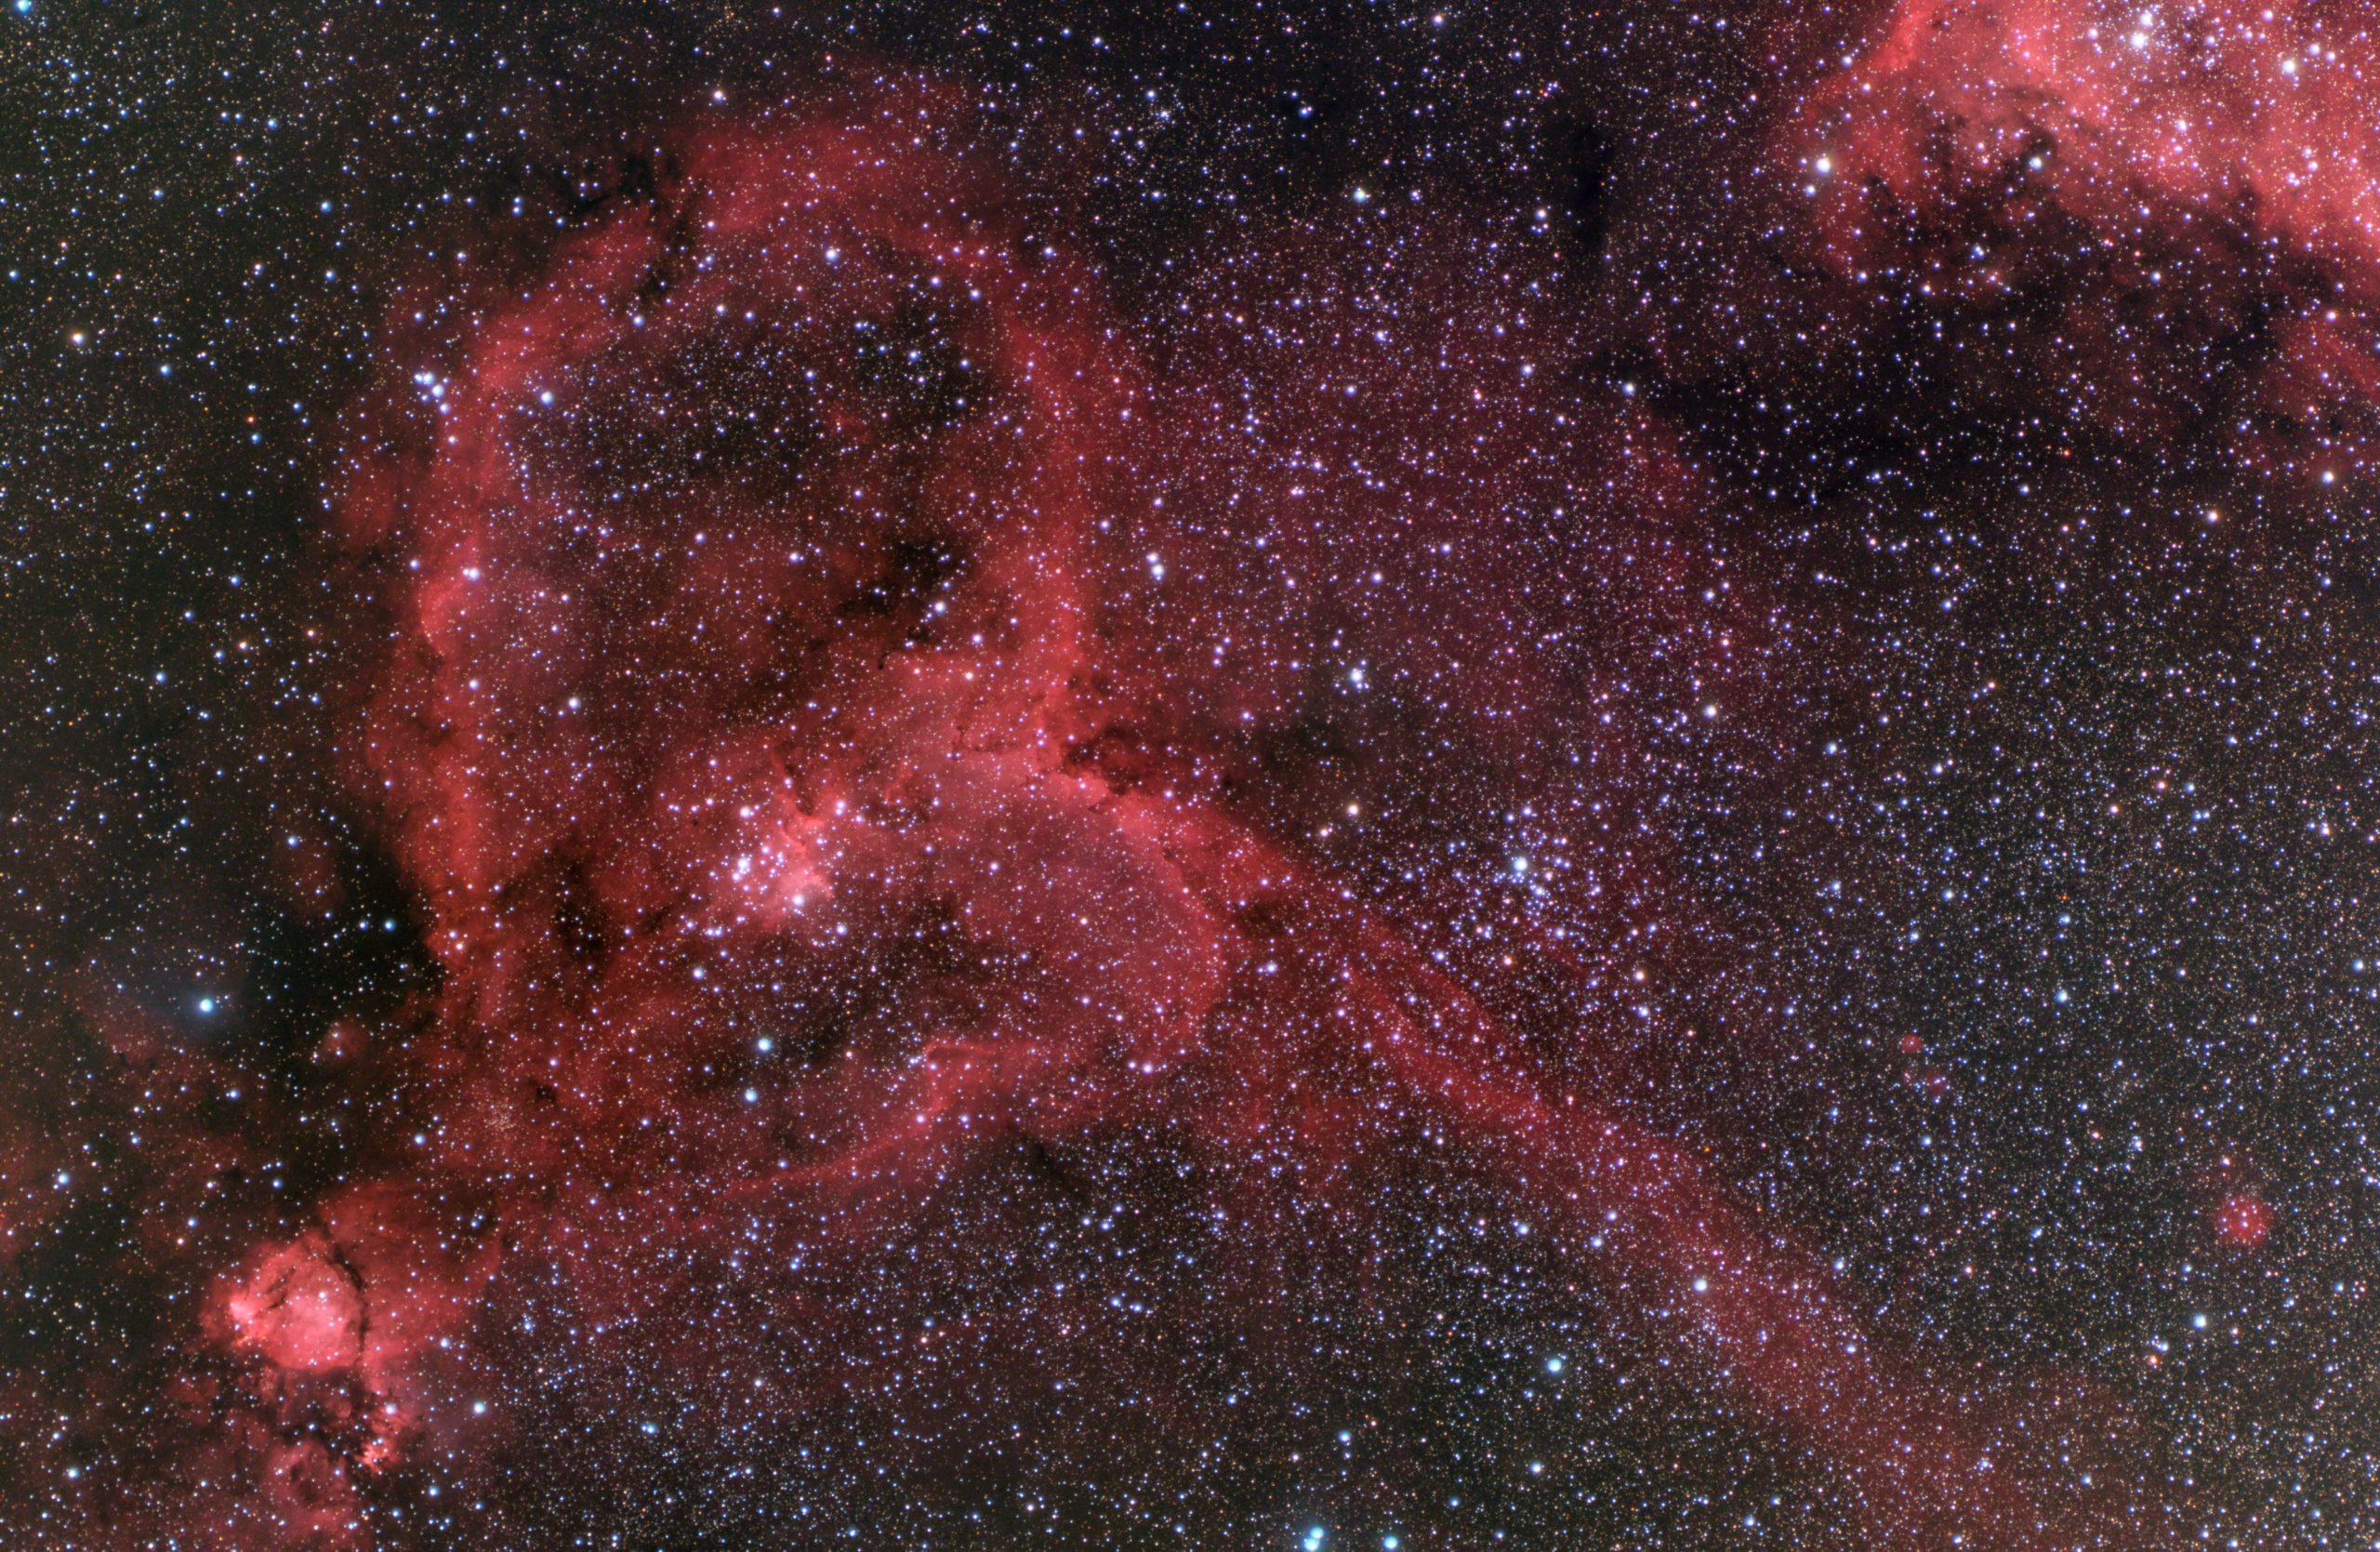 モノクロLRGBによるハート星雲